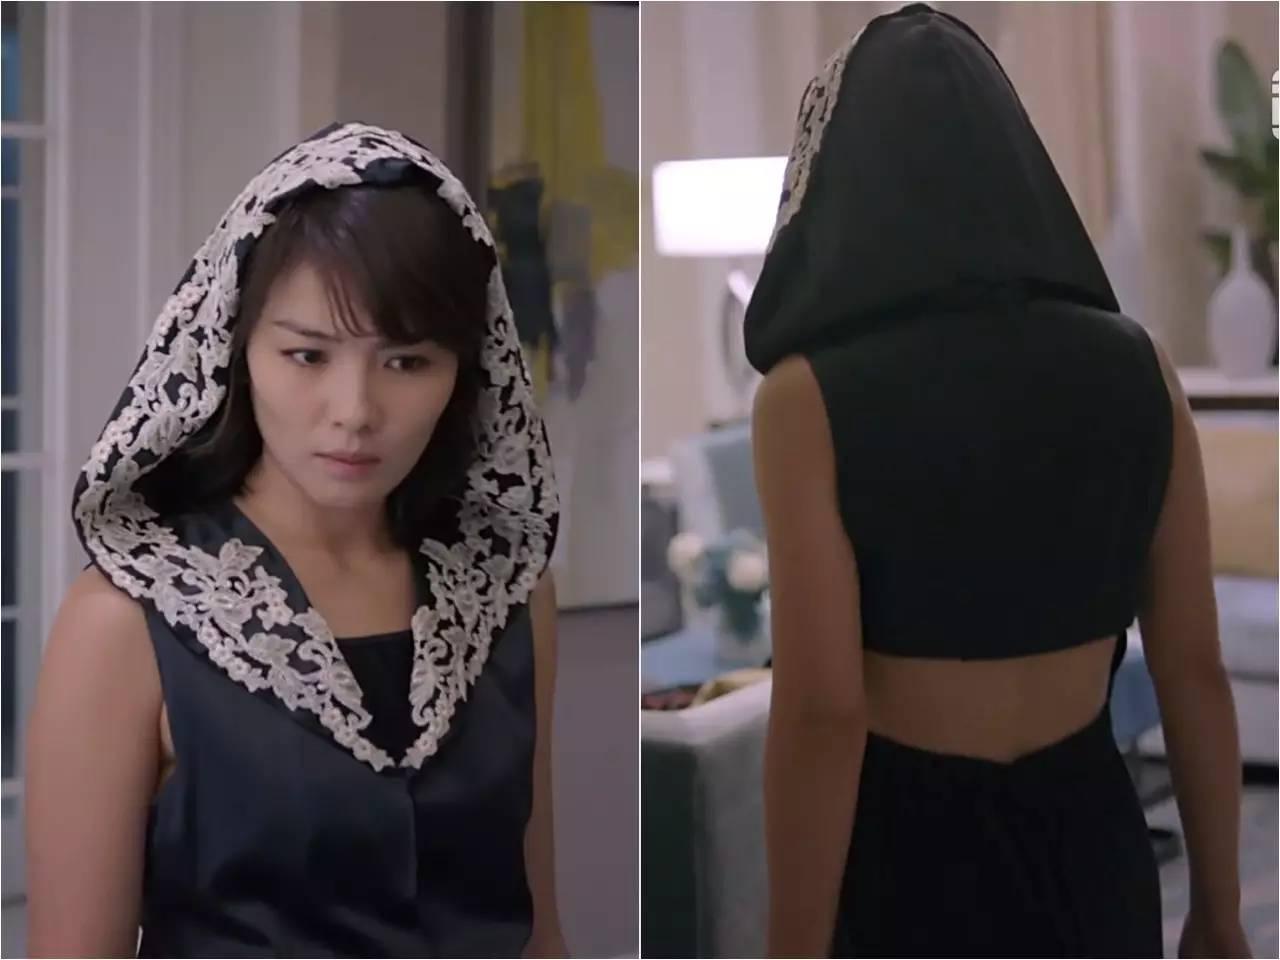 安迪的这套睡衣造型引起了很大争议